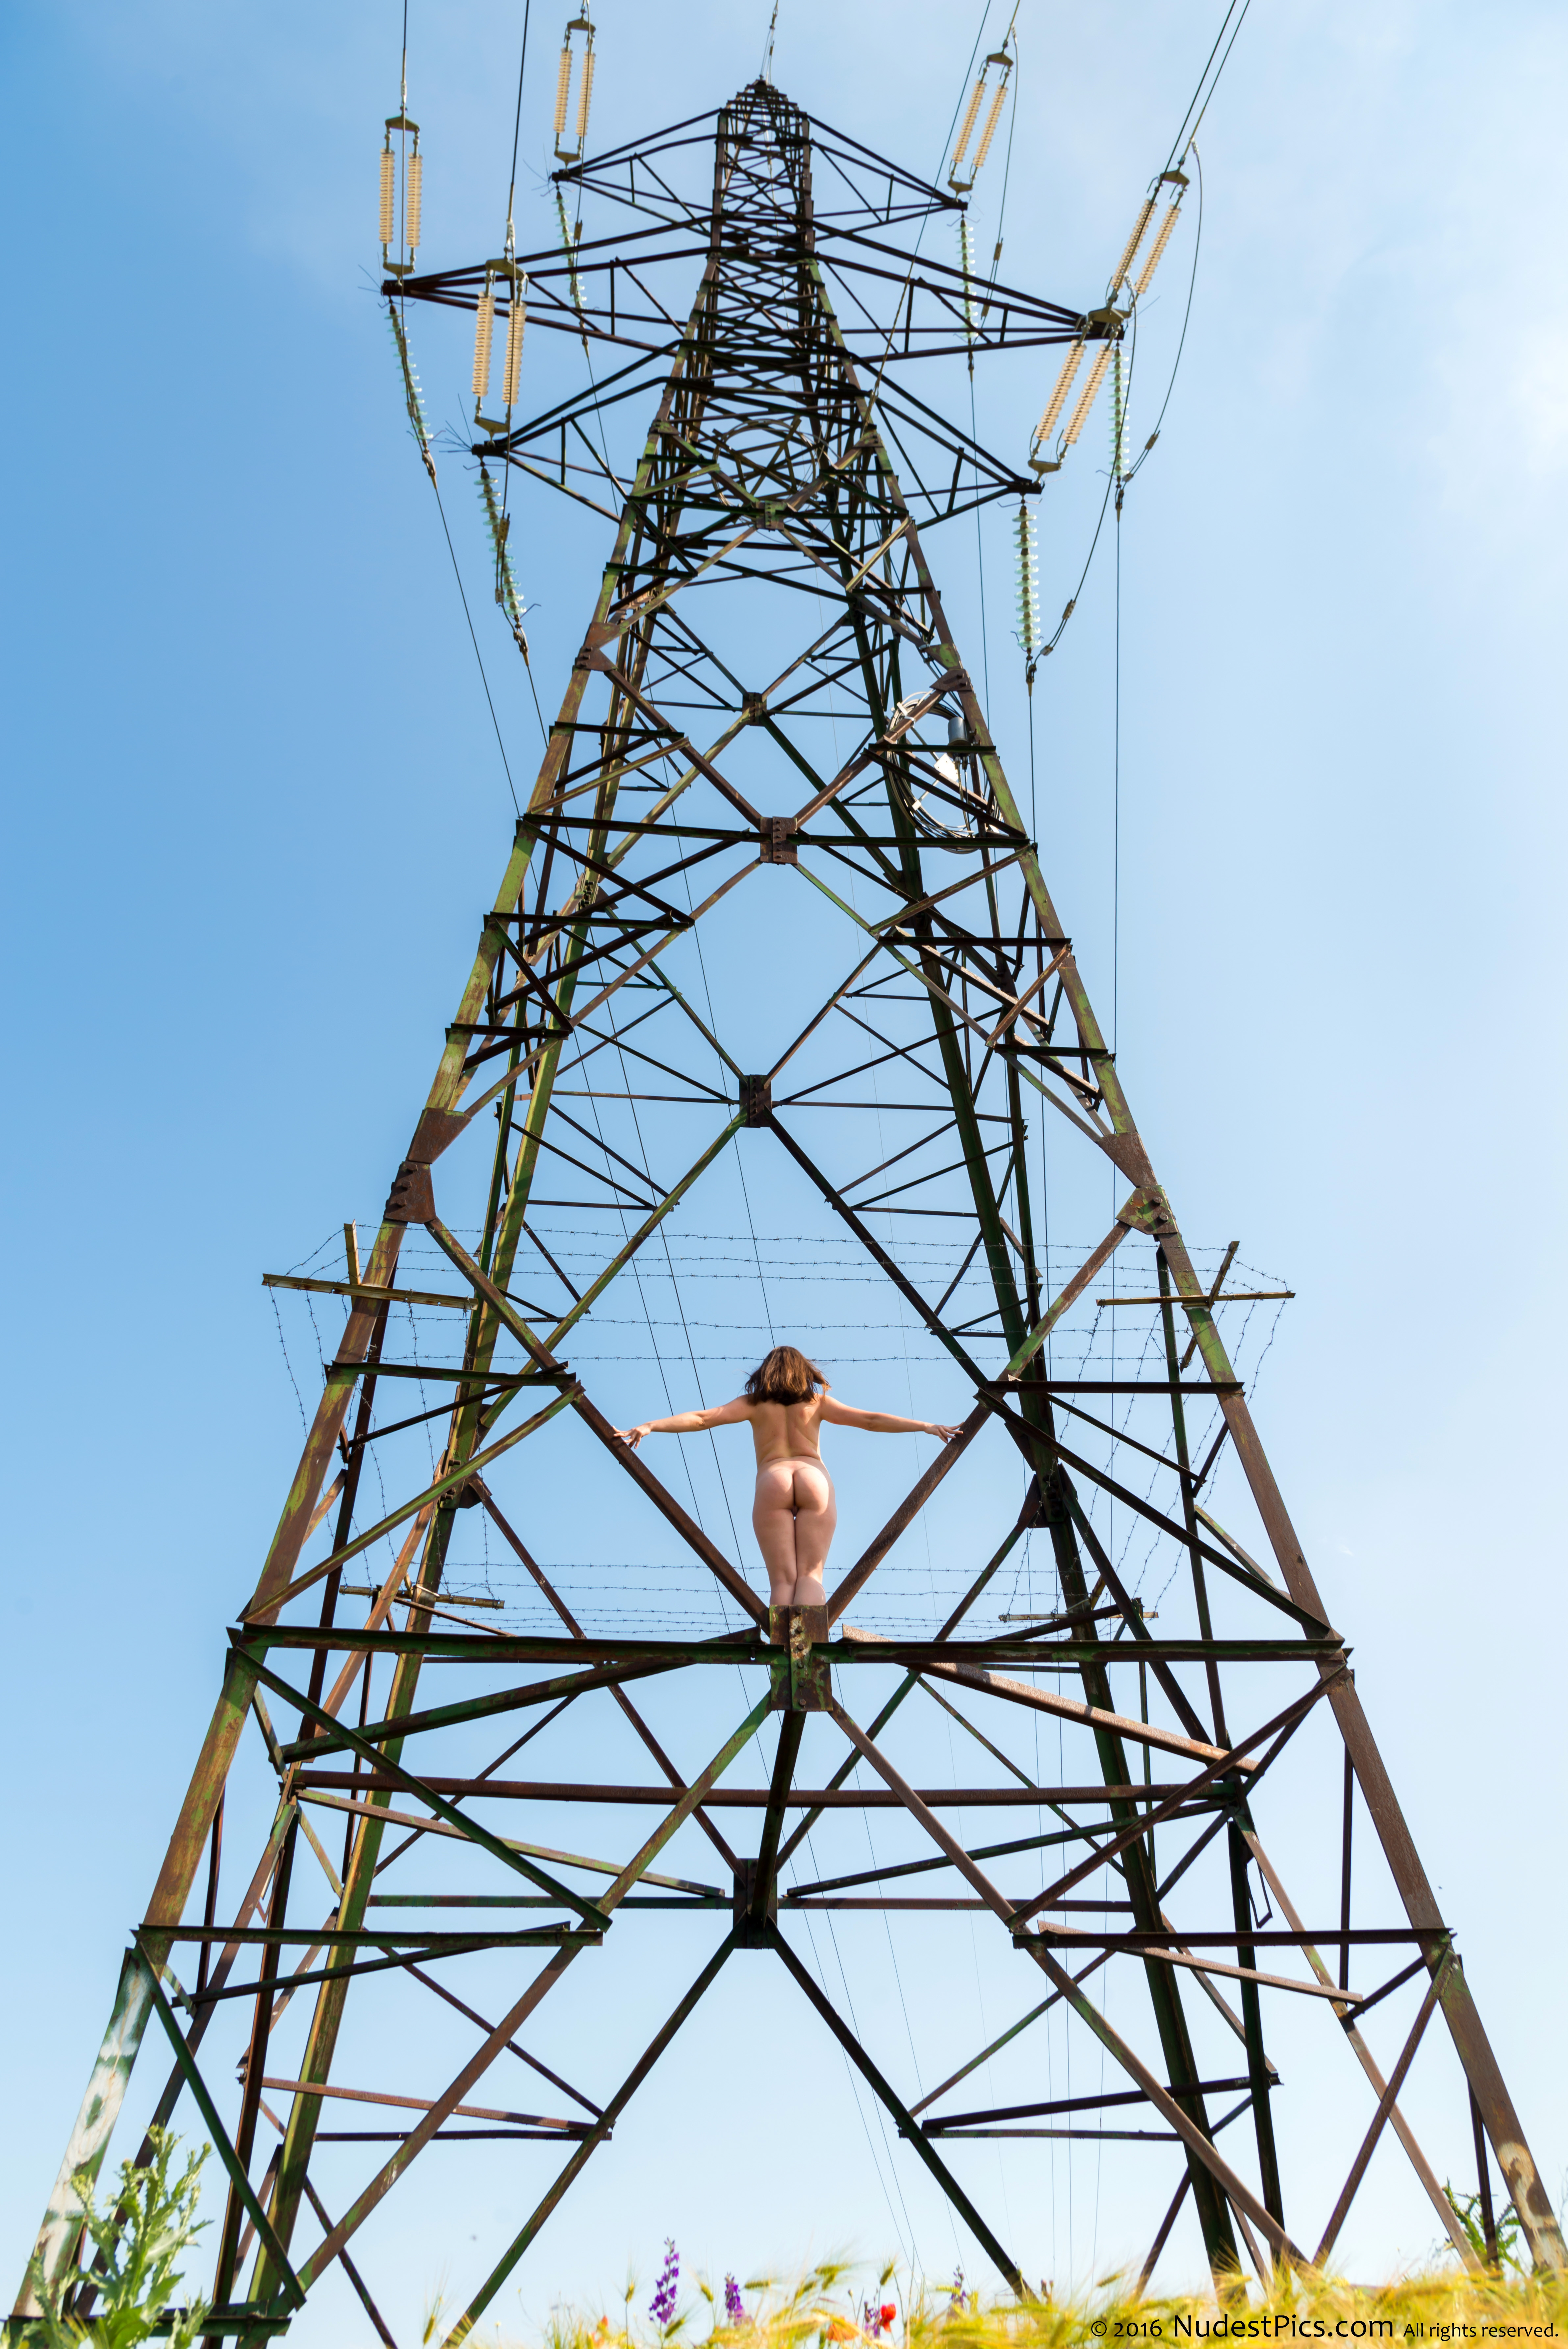 Naked Girl Up on Big Metallic Electric Pole